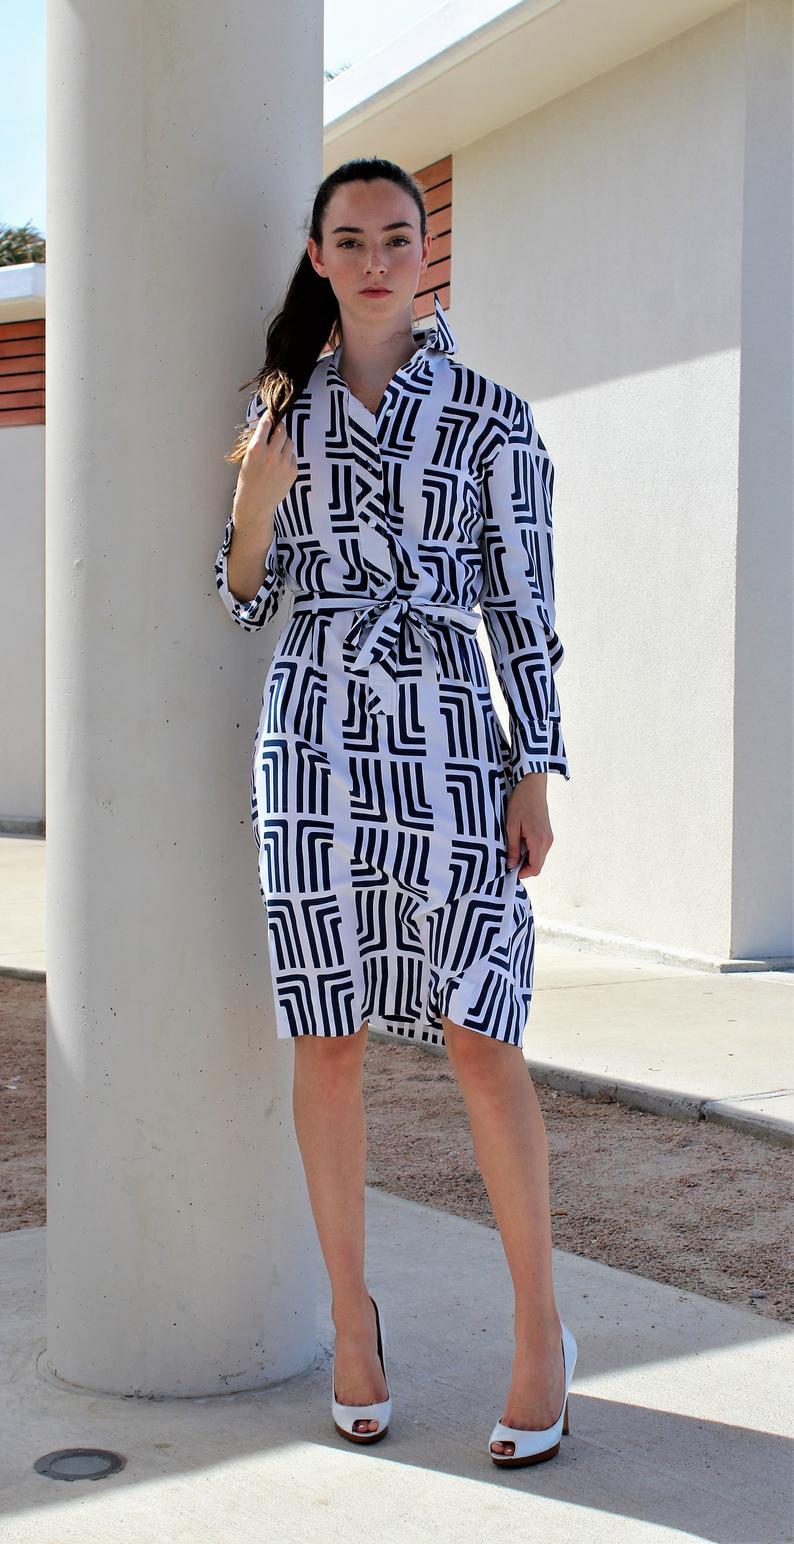 15 Fantastisch Schicke Kleider Ärmel20 Coolste Schicke Kleider Vertrieb